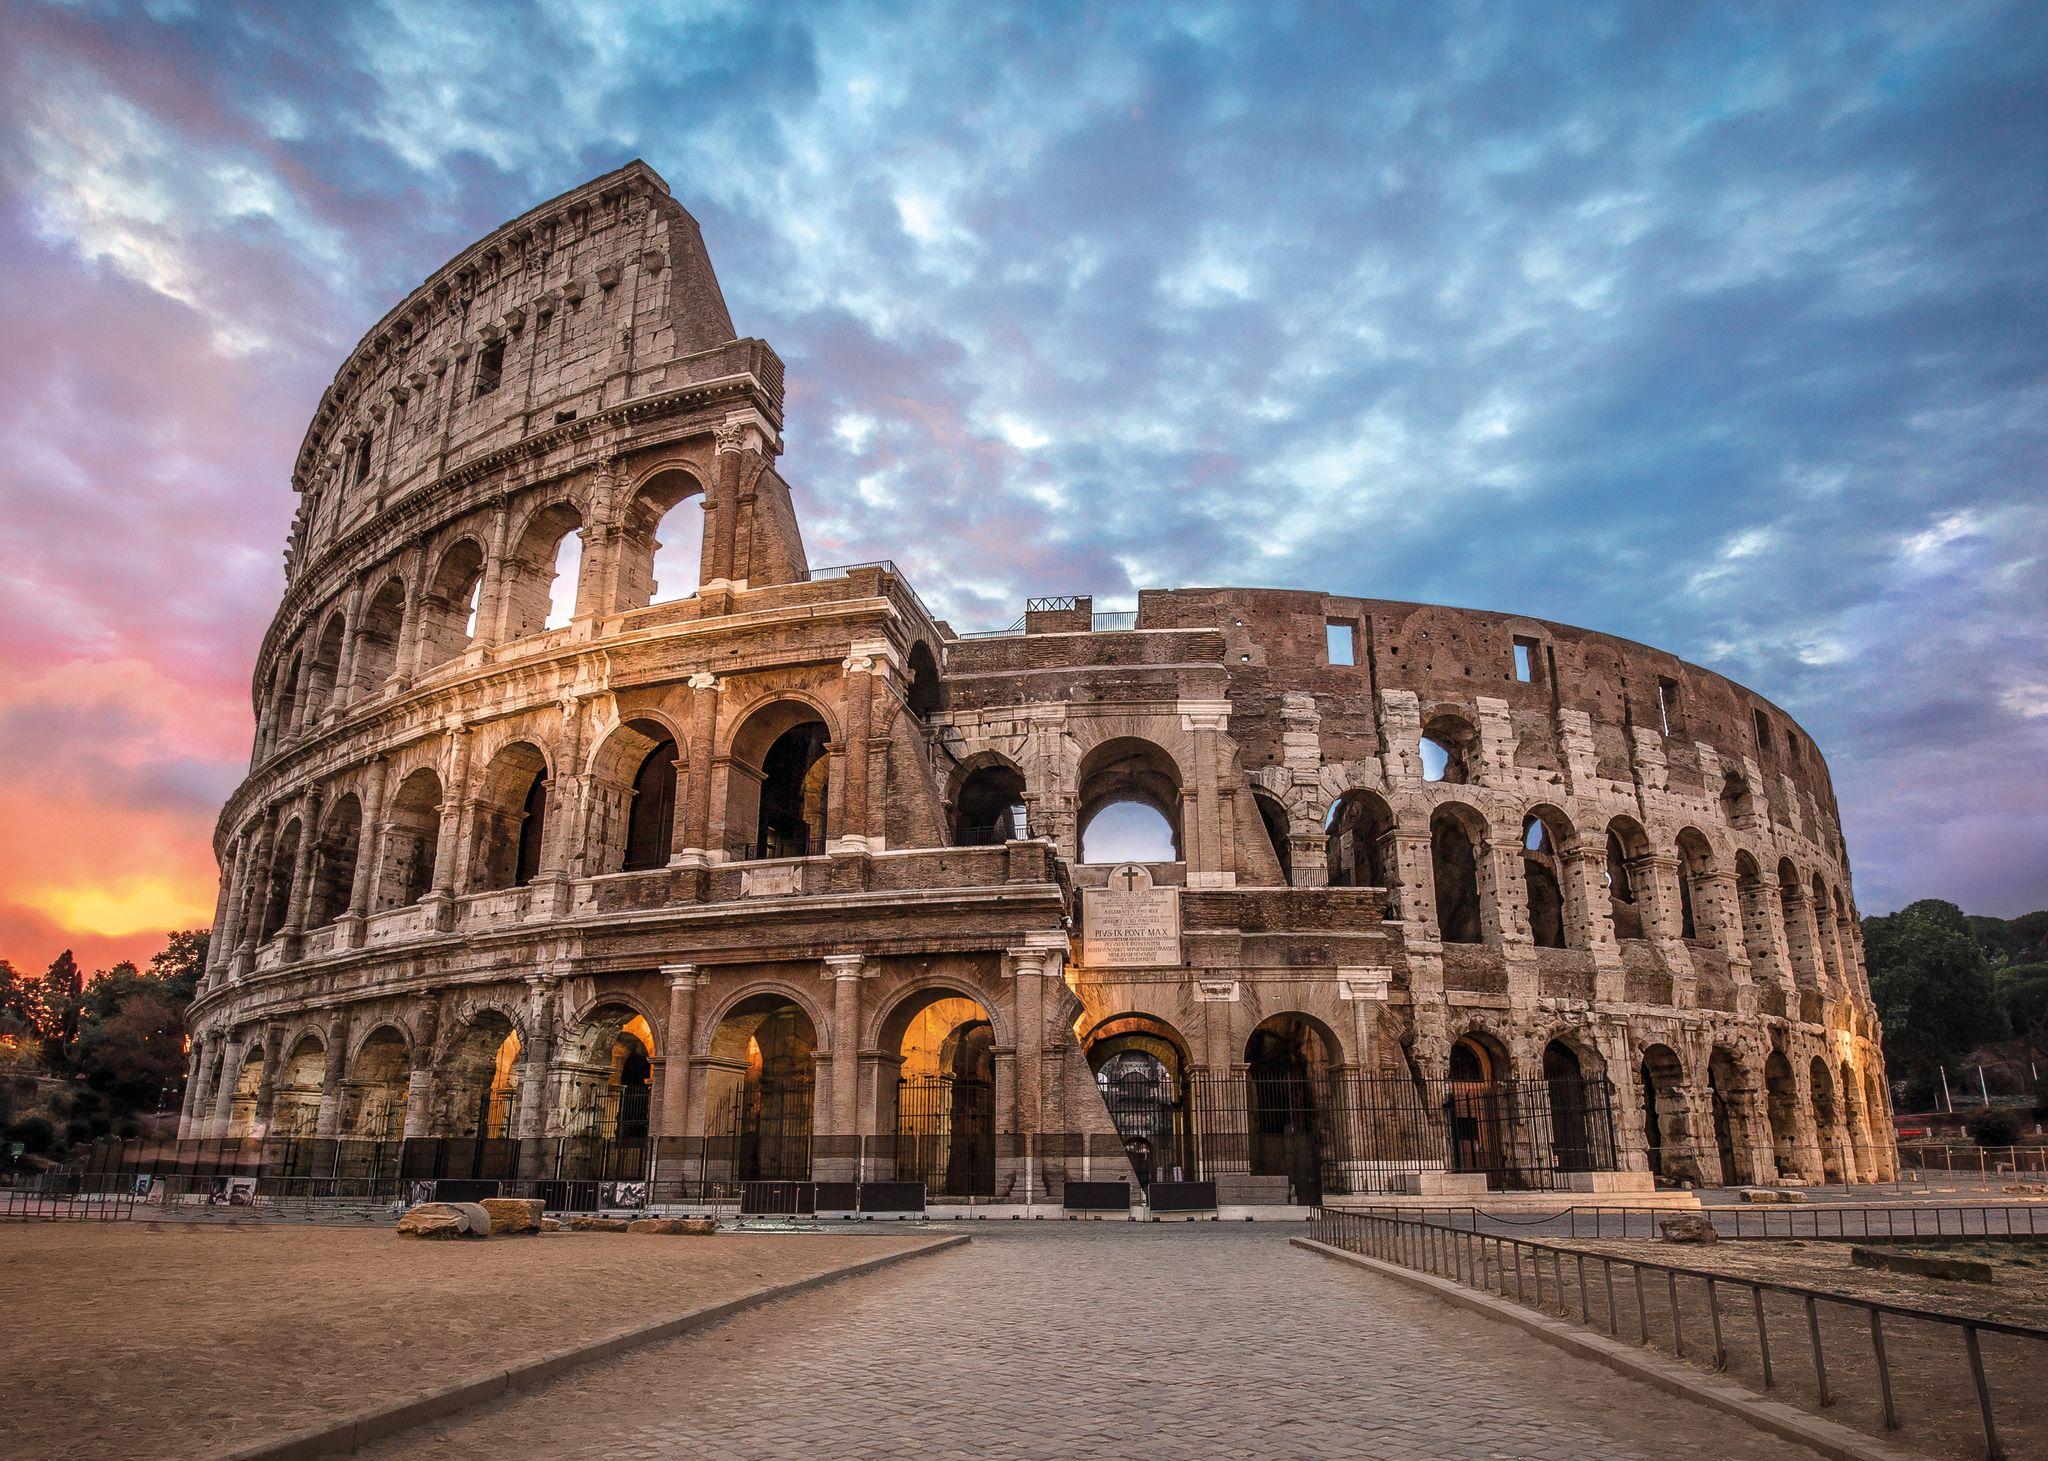 Coliseum Sunrise Europe Jigsaw Puzzle